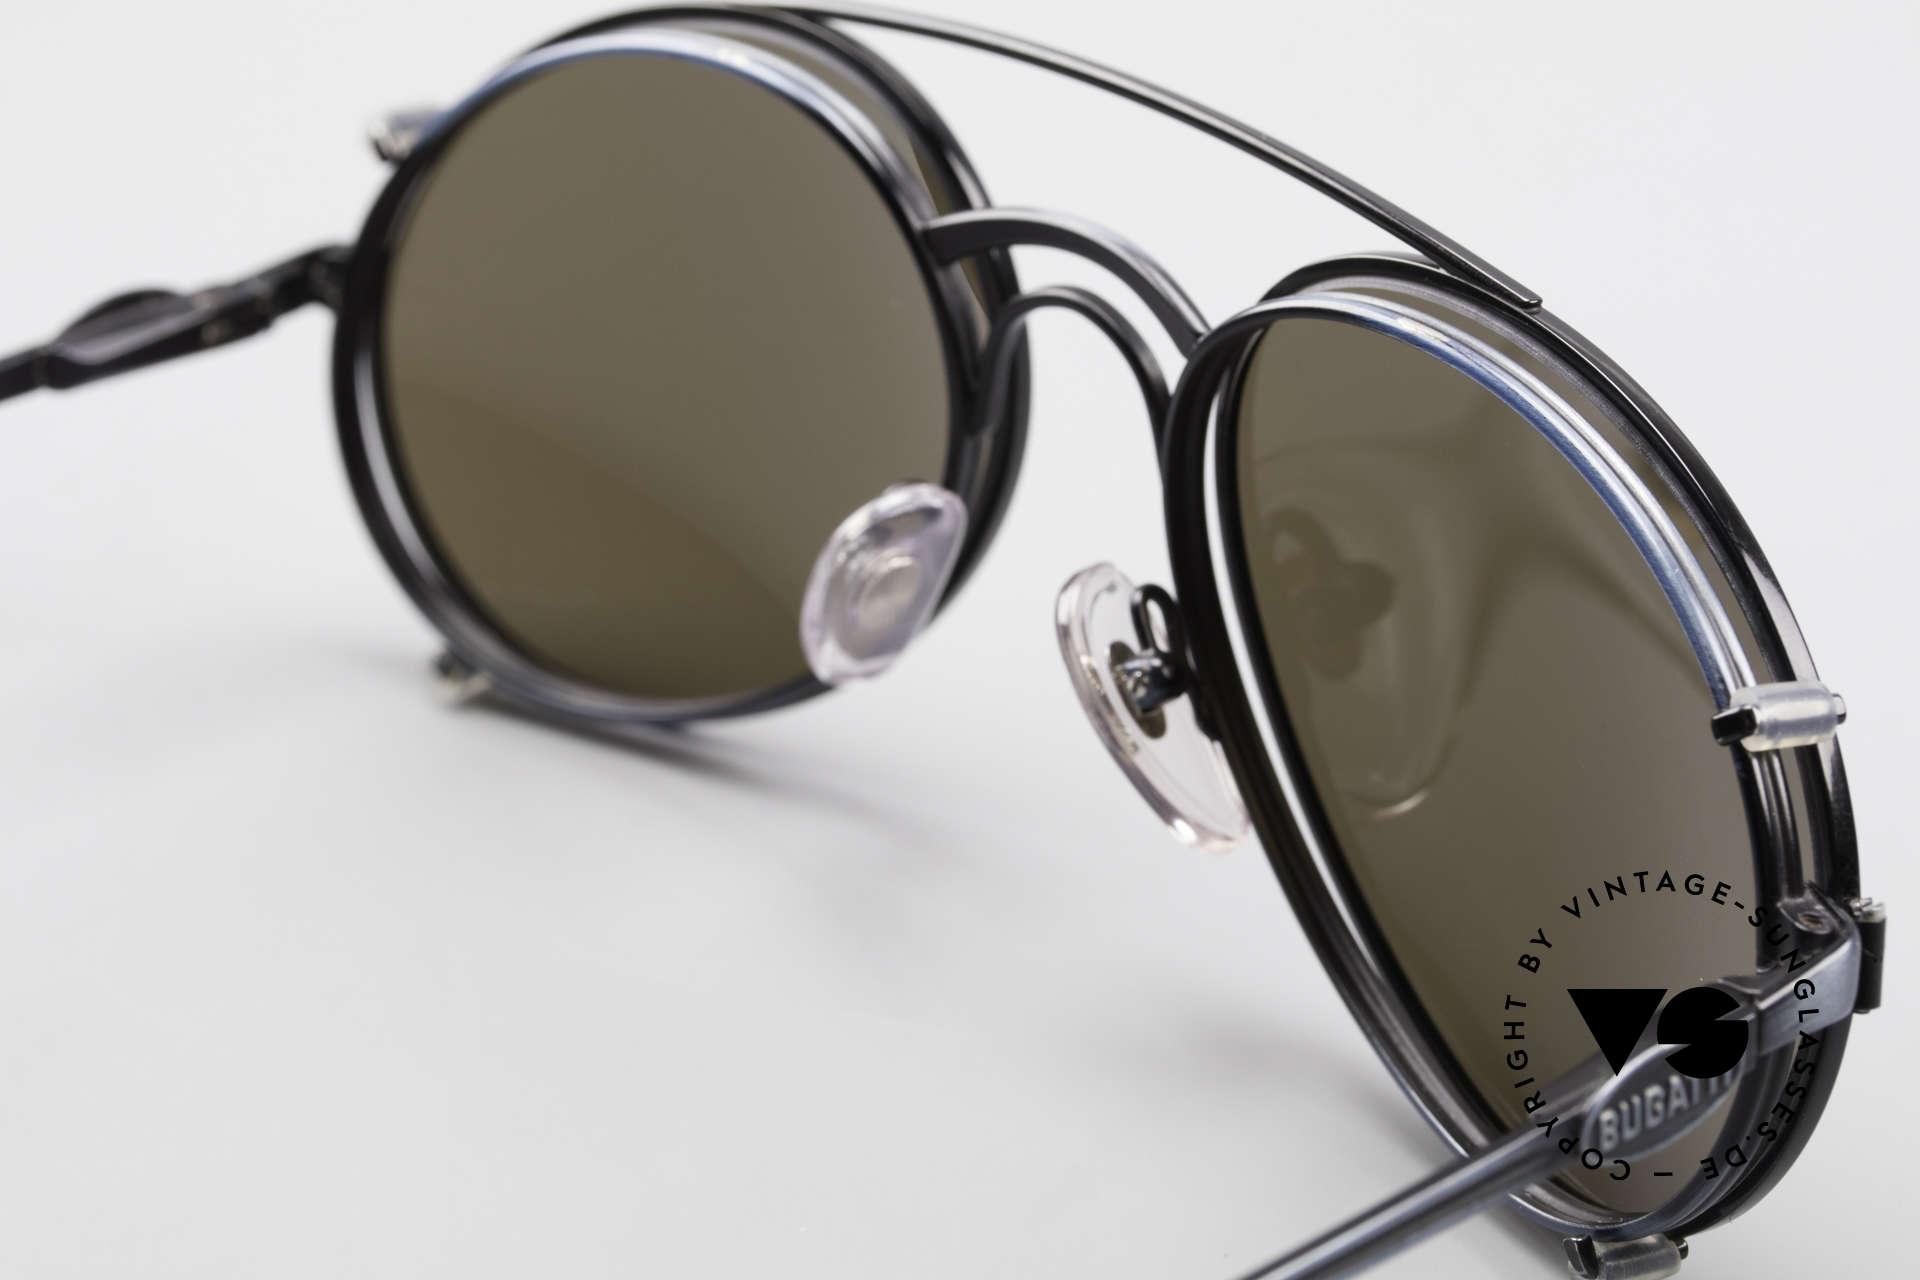 Bugatti 03328 Herrensonnenbrille Clip On, daher auf 349€ reduziert: Fotos d. Rückseite beachten!, Passend für Herren